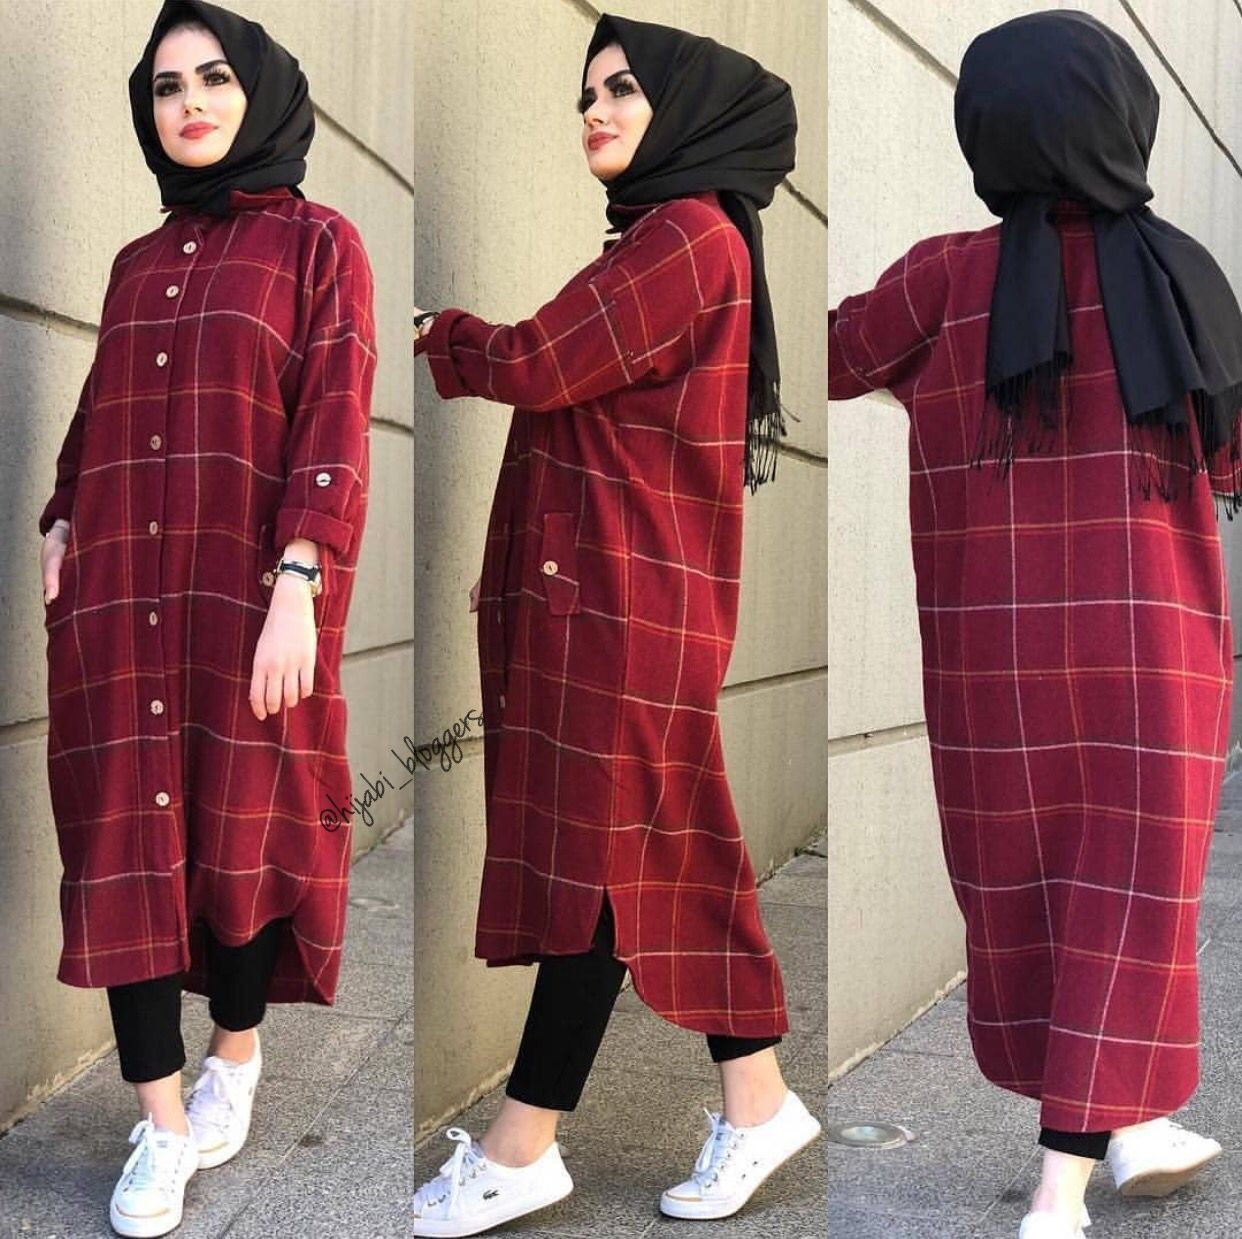 Pin By Mujdemizginbulbul On Pakistani Dresses Casual Hijab Fashion Inspiration Muslim Fashion Outfits Muslimah Fashion Outfits